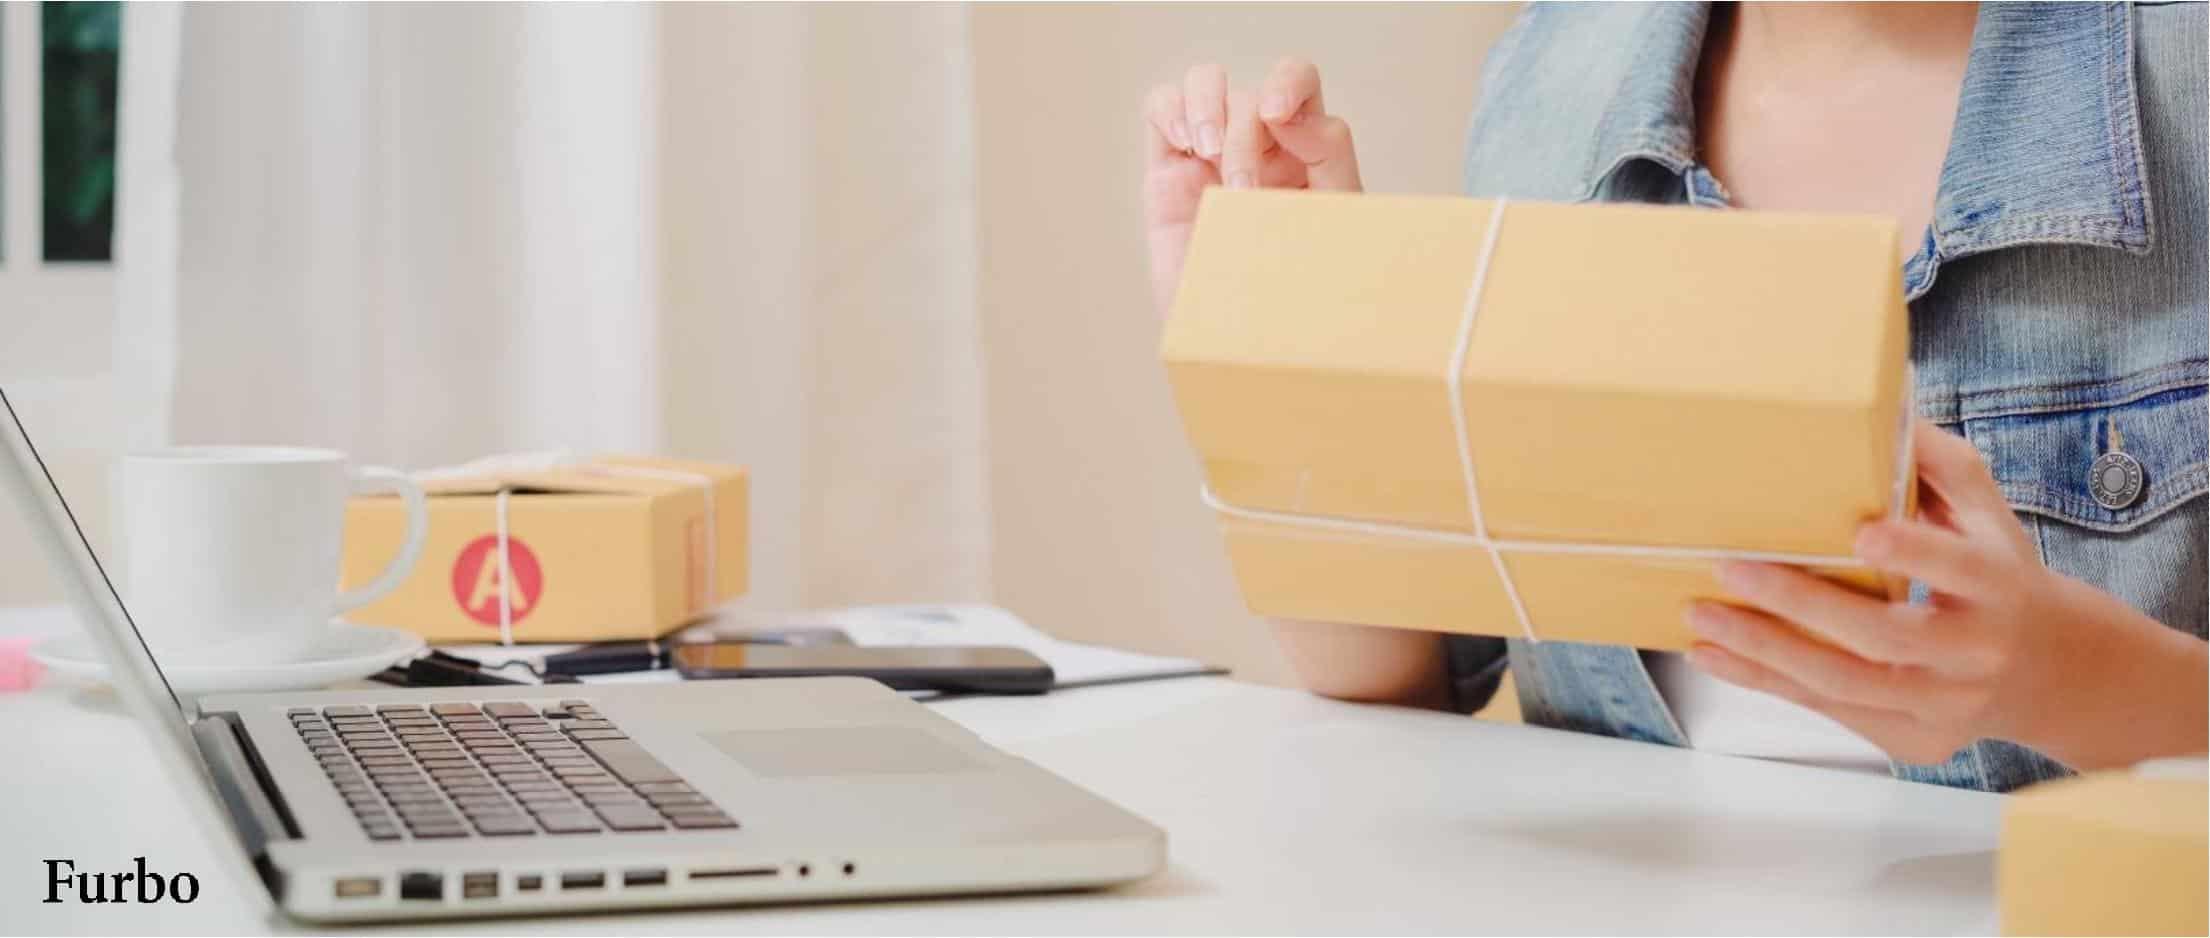 چه محصولی رو در فروشگاه اینترنتی بفروشیم؟